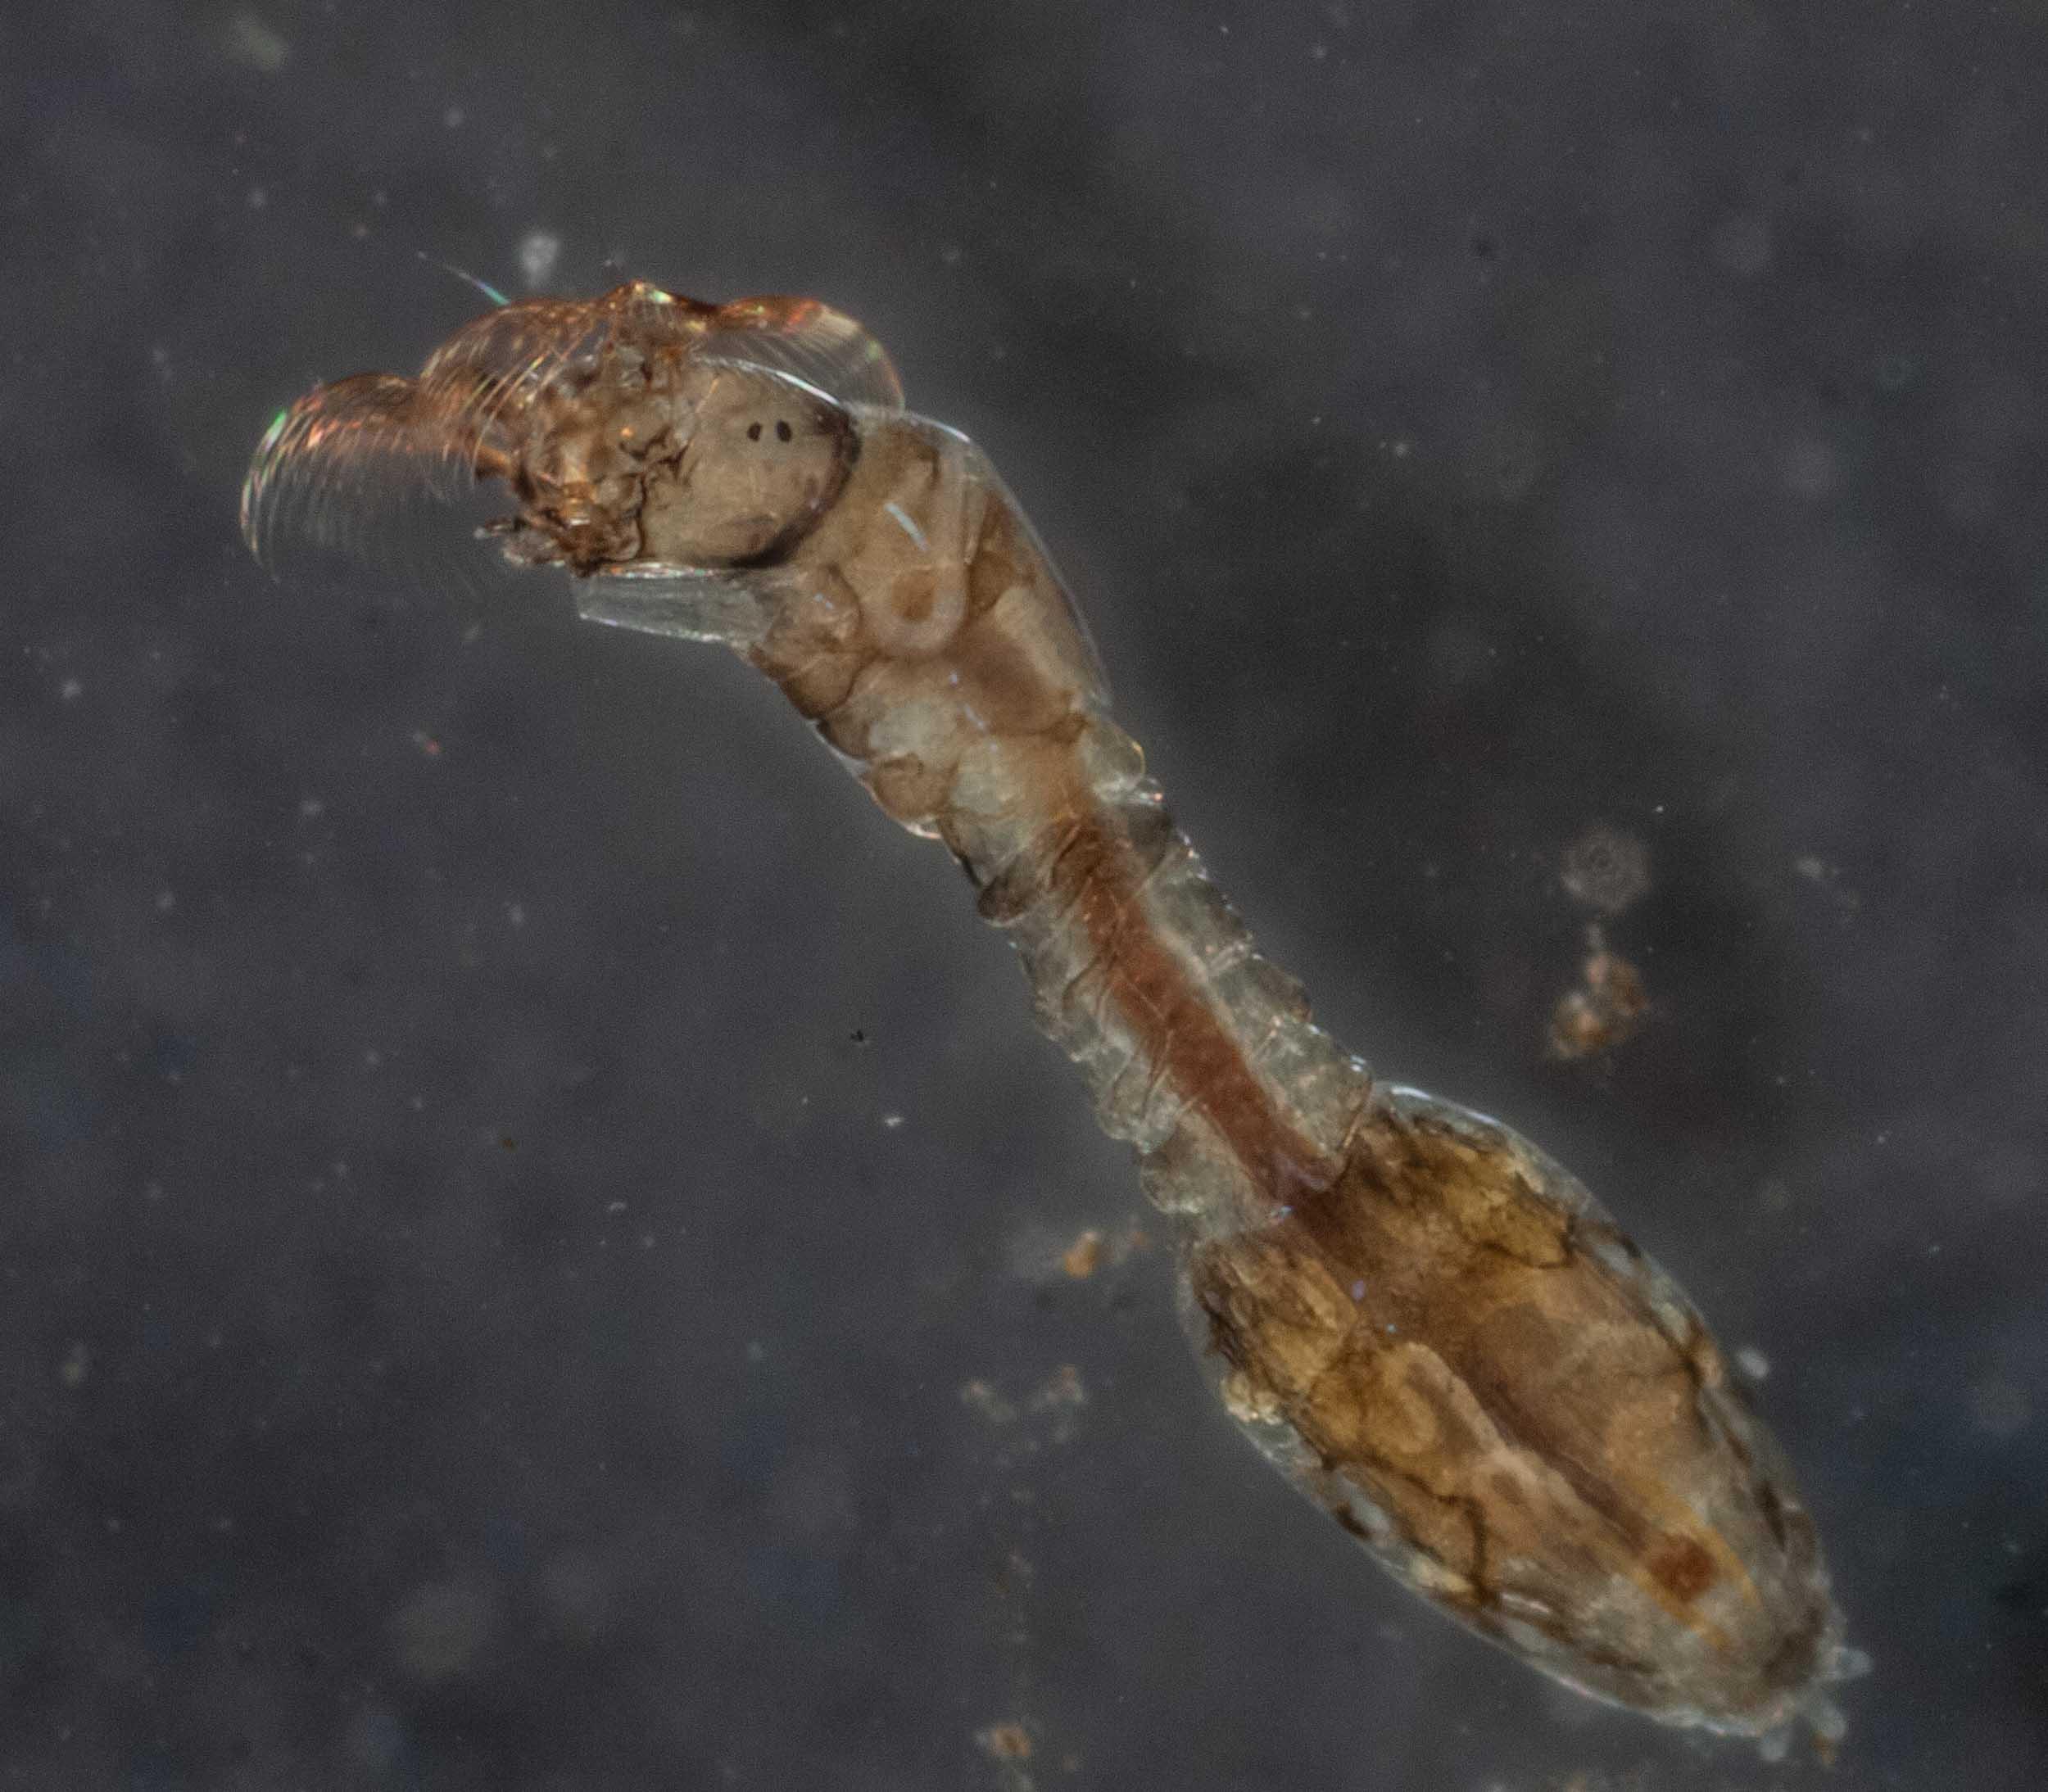 black fly larva (Insect; Diptera; Simuliidae)